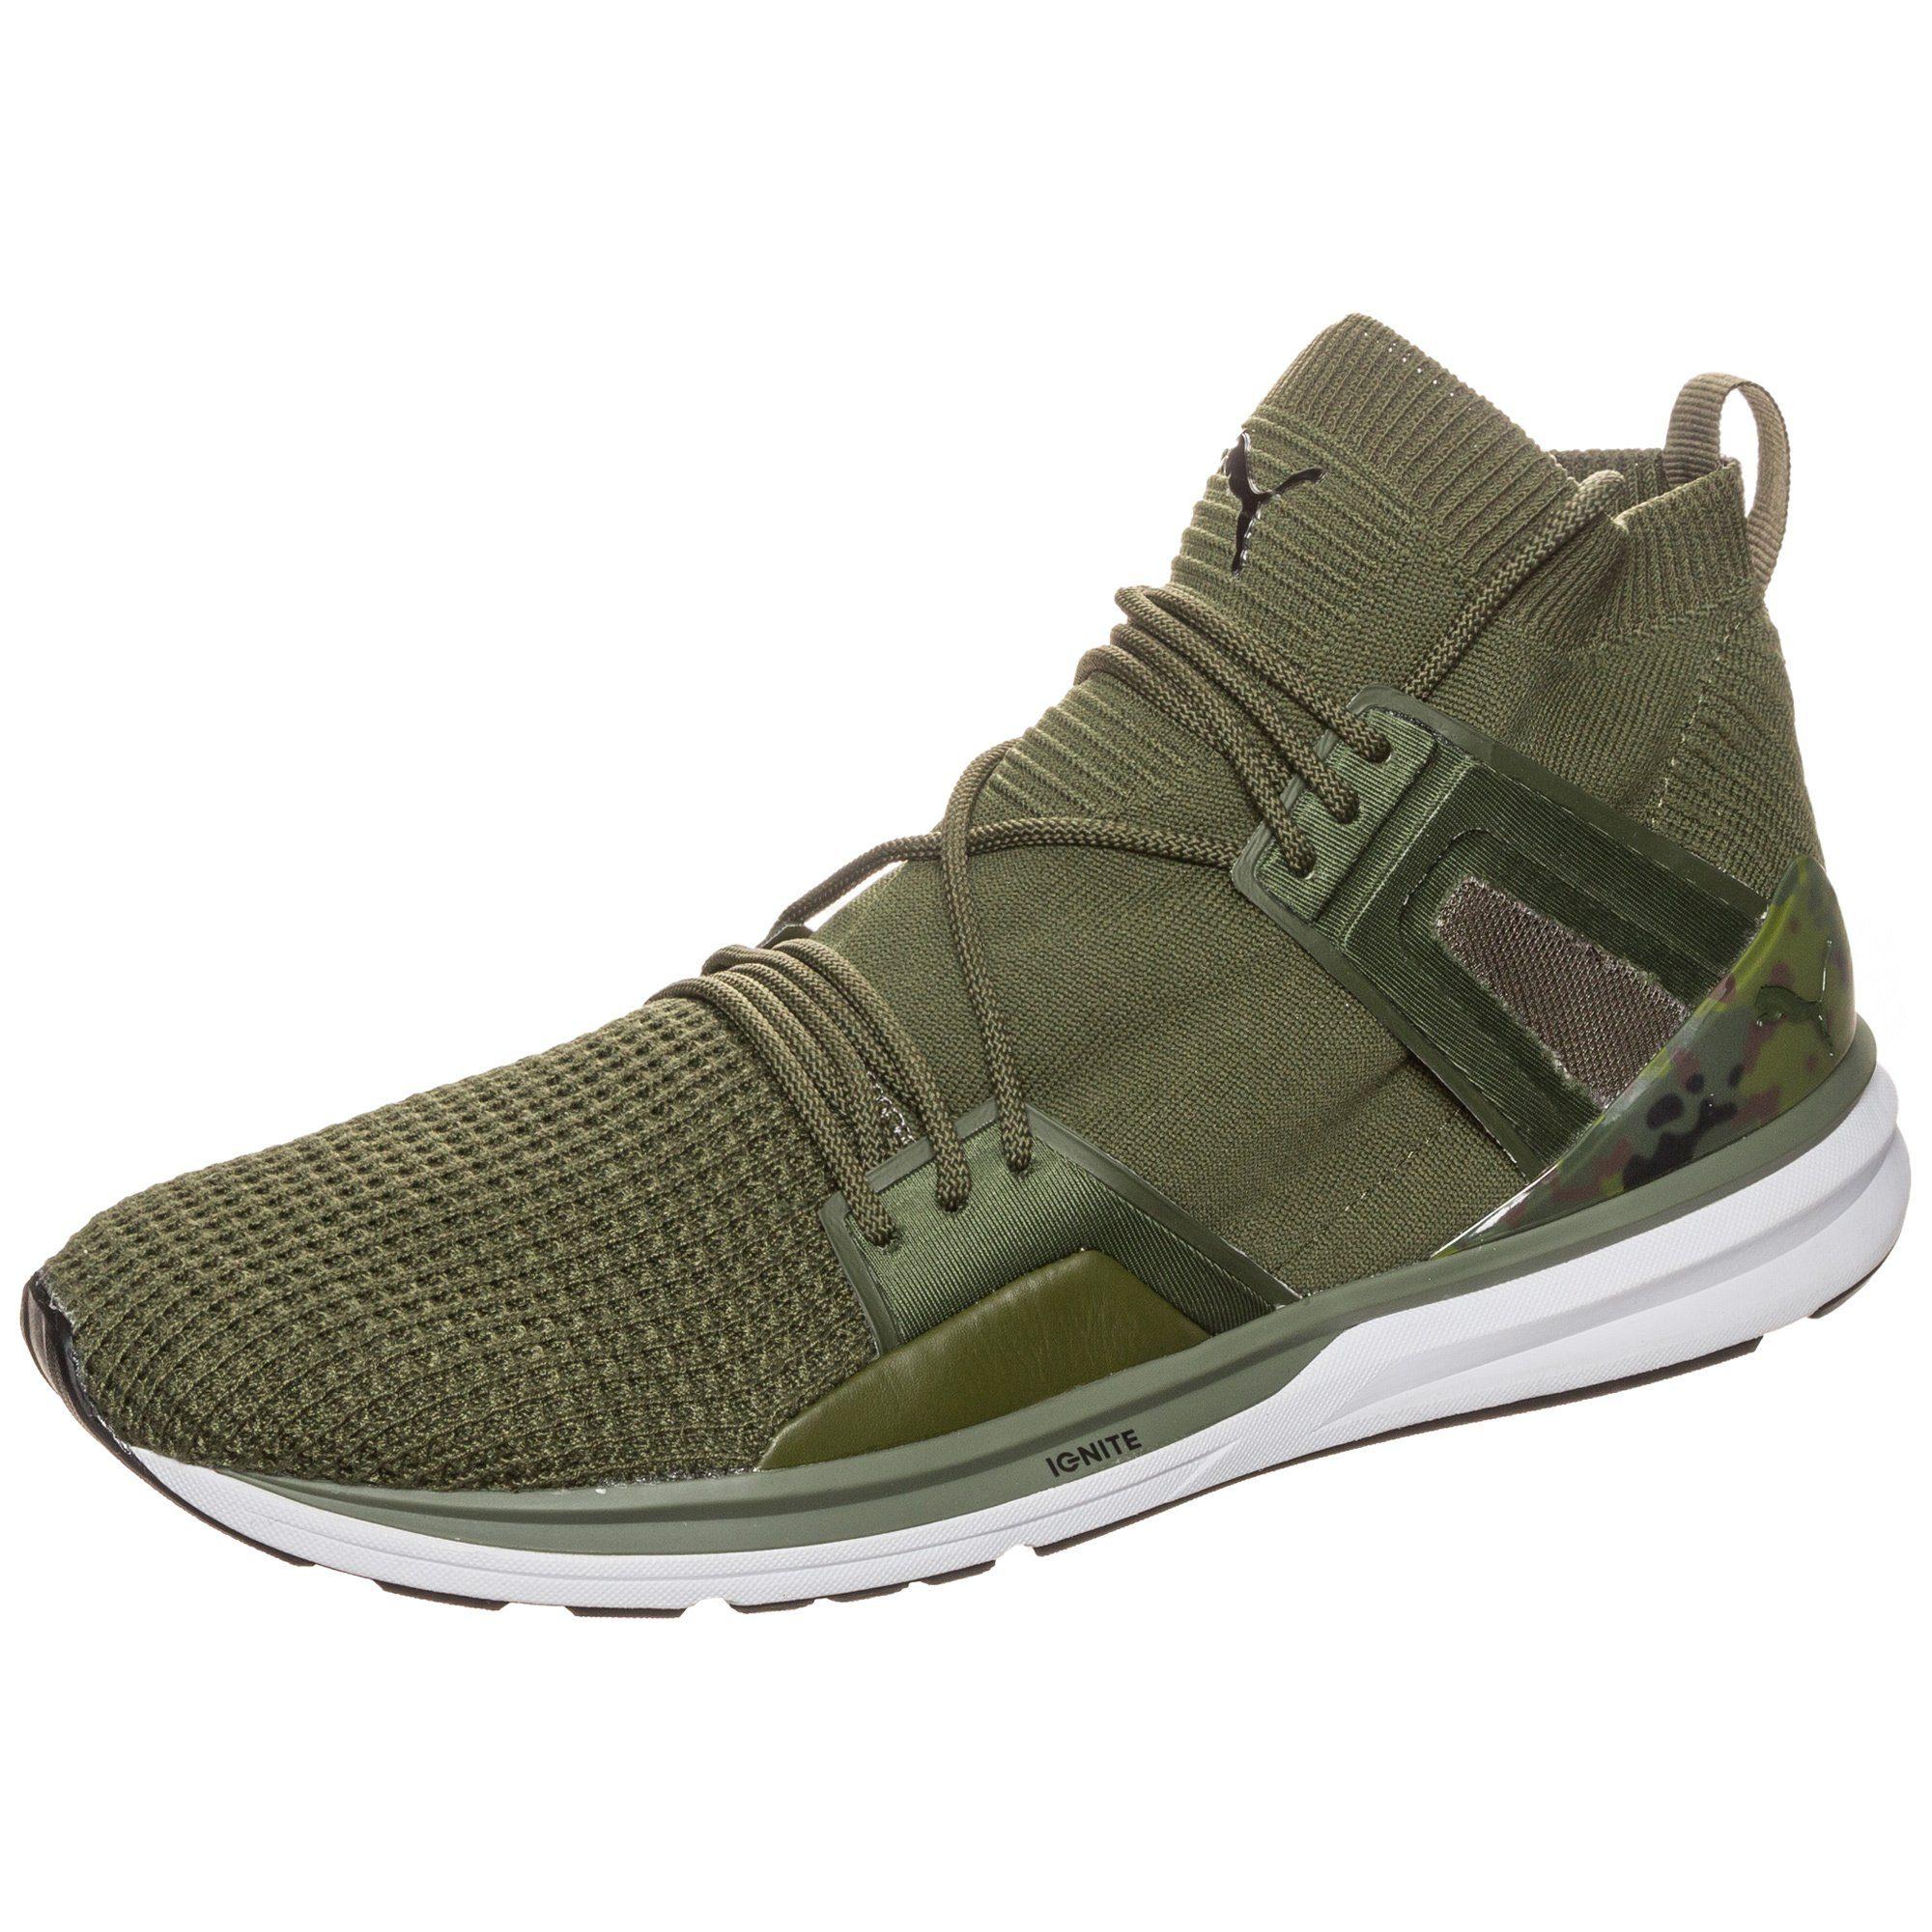 PUMA Sneaker »B.o.g Limitless High Waffleknit« | Schuhe > Sneaker > Sneaker high | Grün | Puma